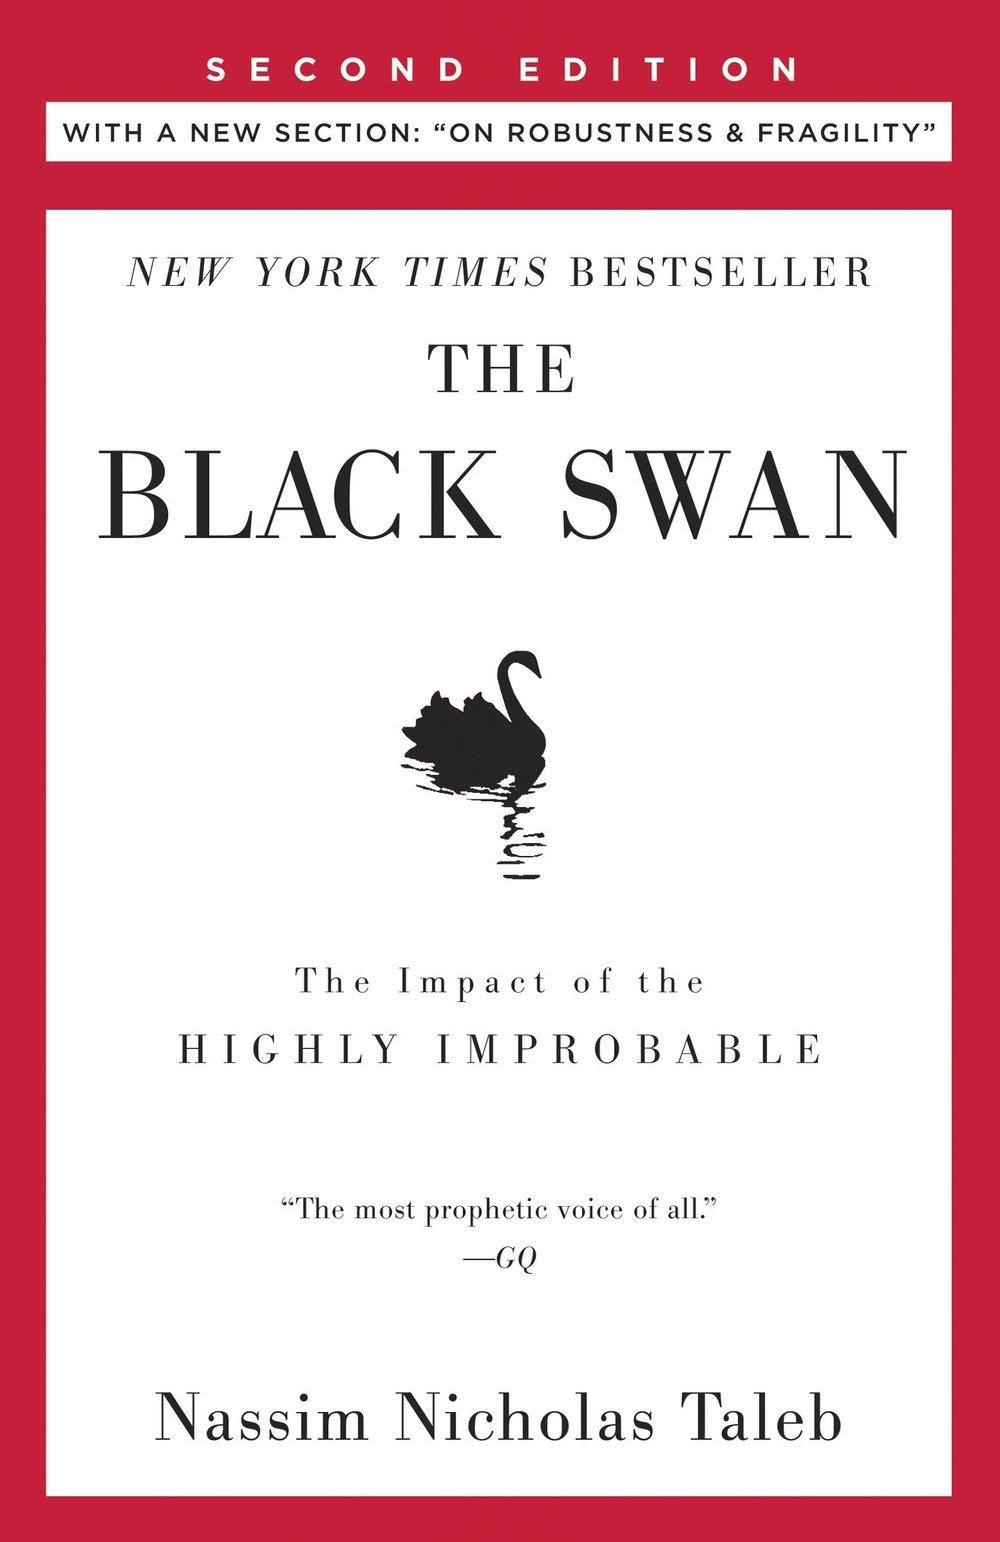 theblackswan.jpg